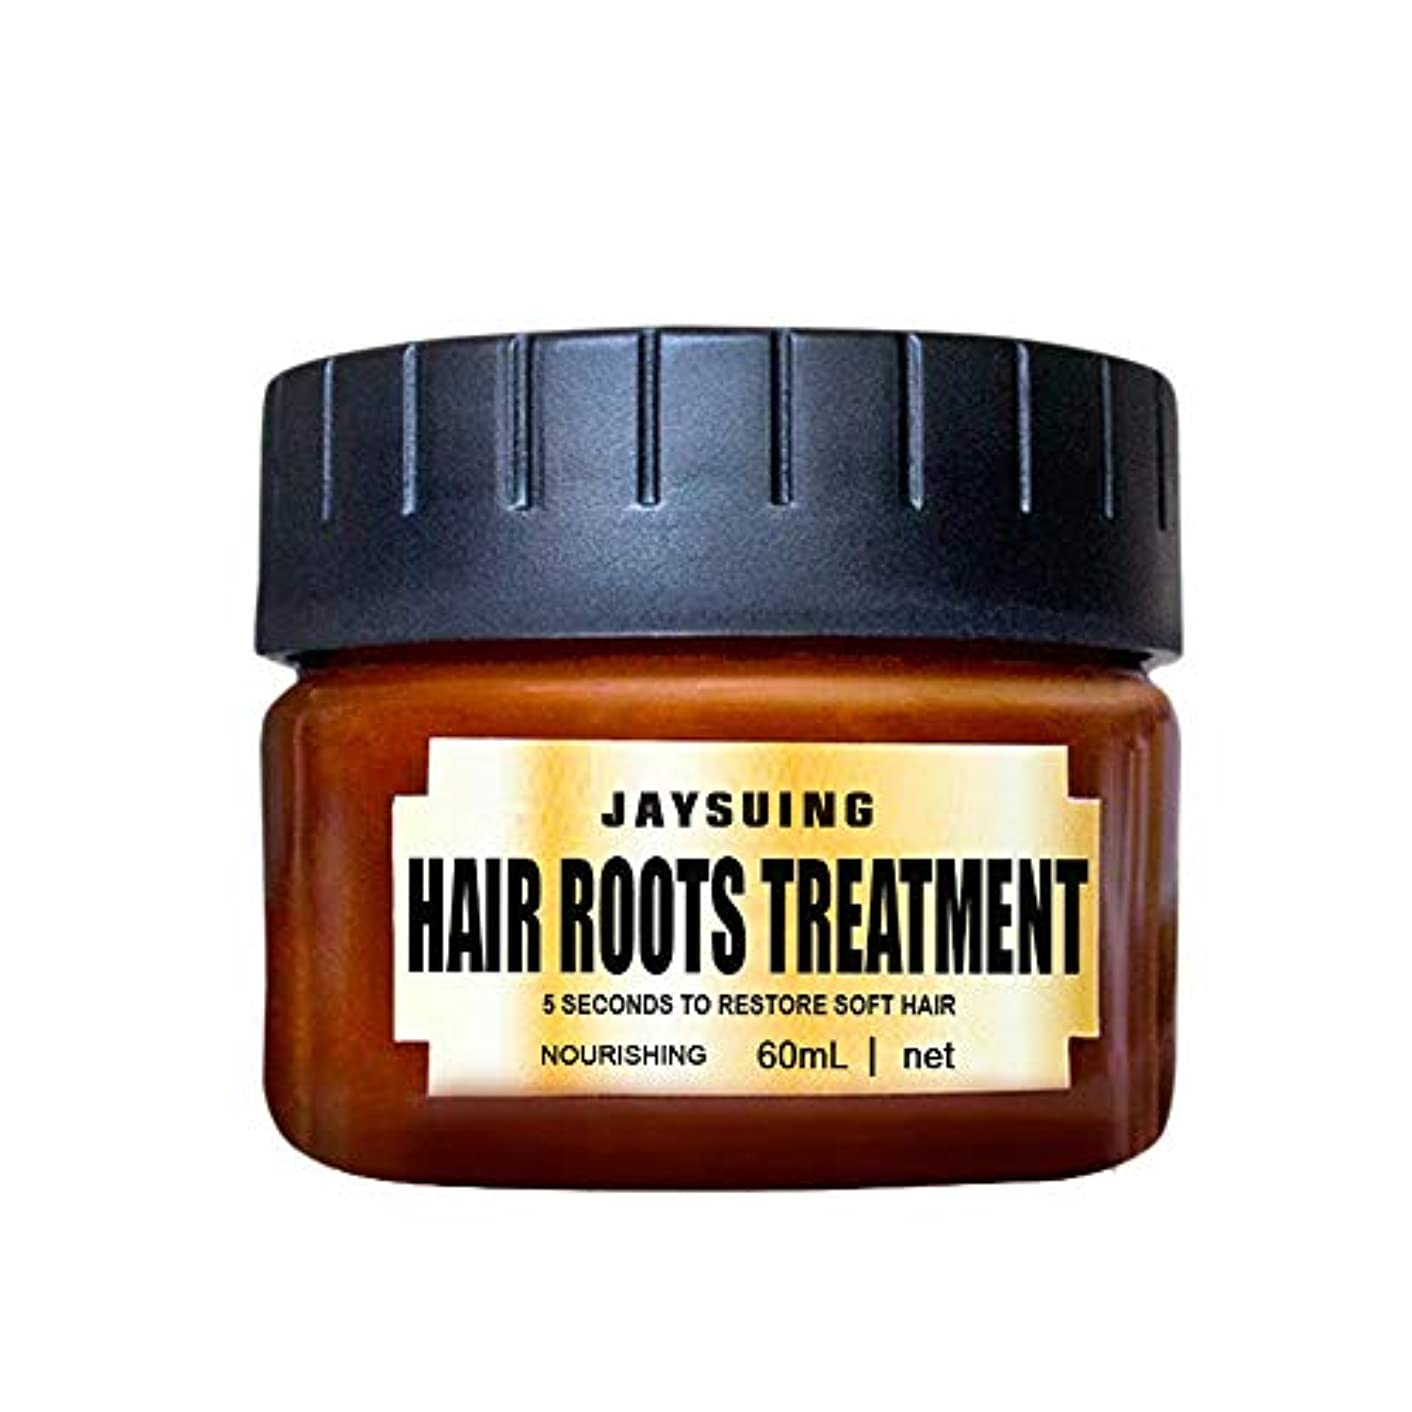 曇った精緻化強盗DOUJI天然植物成分 ヘアケア リッチリペア コンディショナー60mlダメージのある髪へ 髪の排毒ヘアマスク高度な分子毛根治療回復 髪の栄養素を補給トリートメント